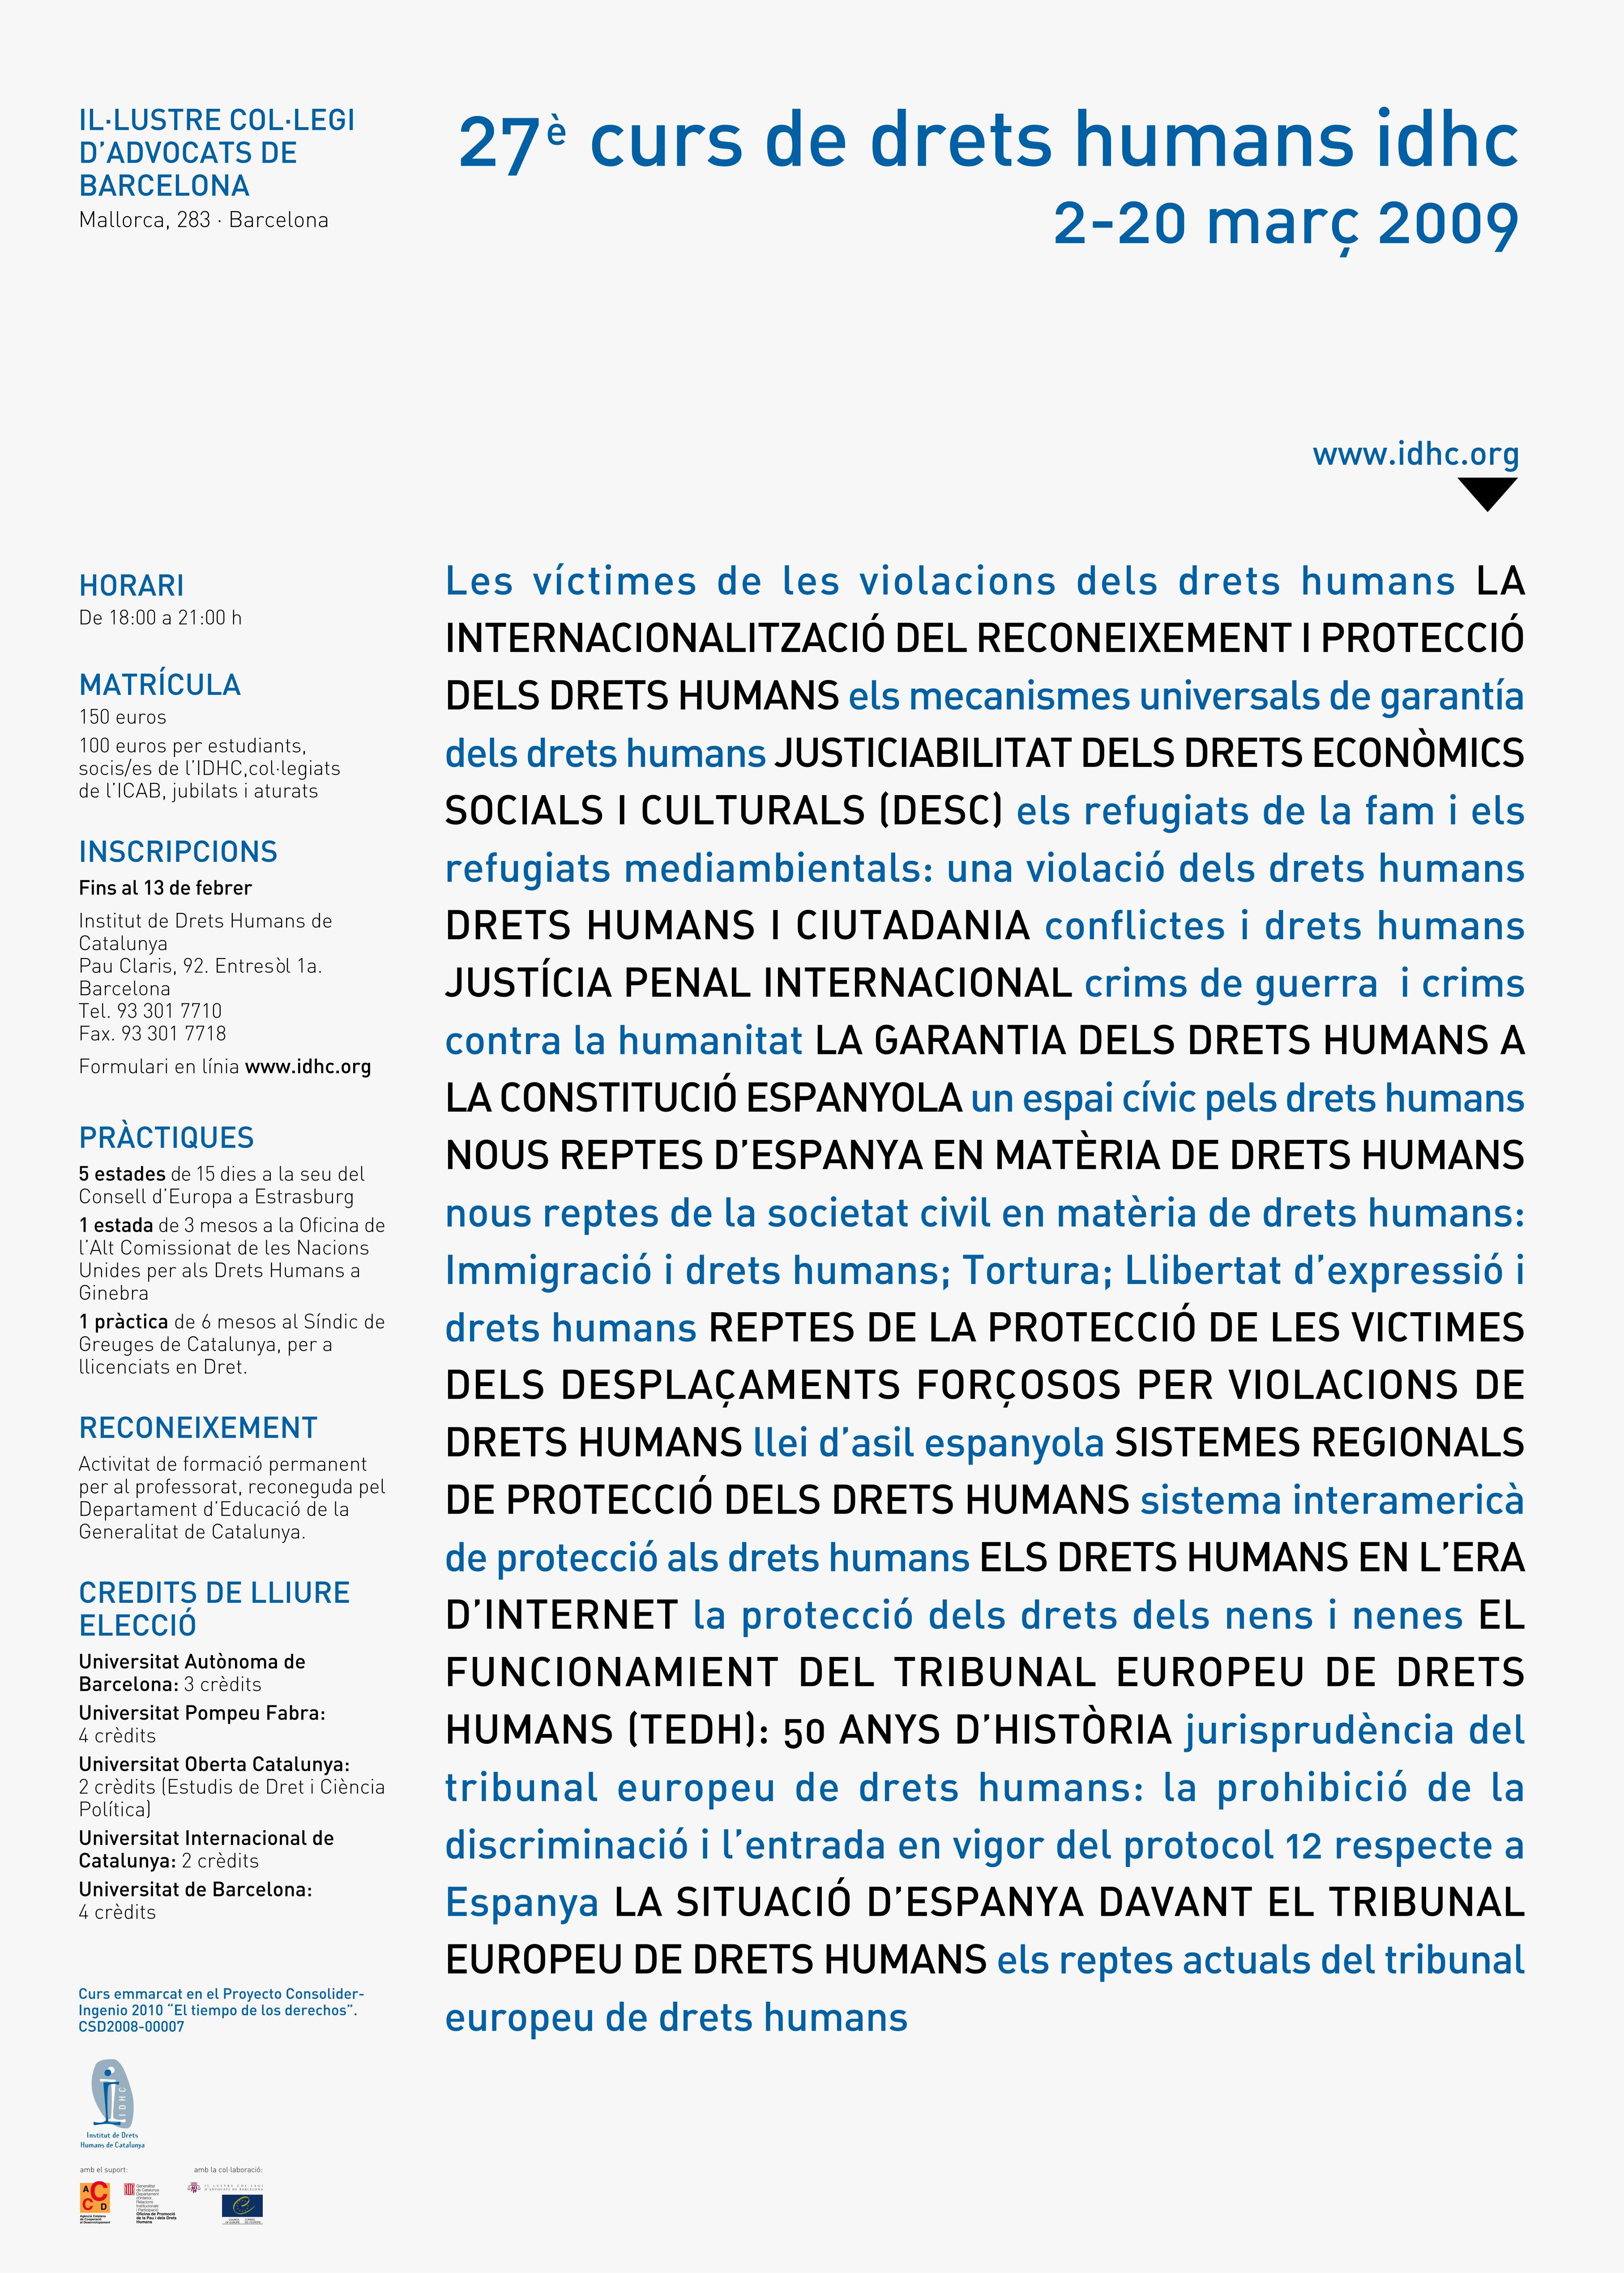 27º Curso Anual de Derechos Humanos